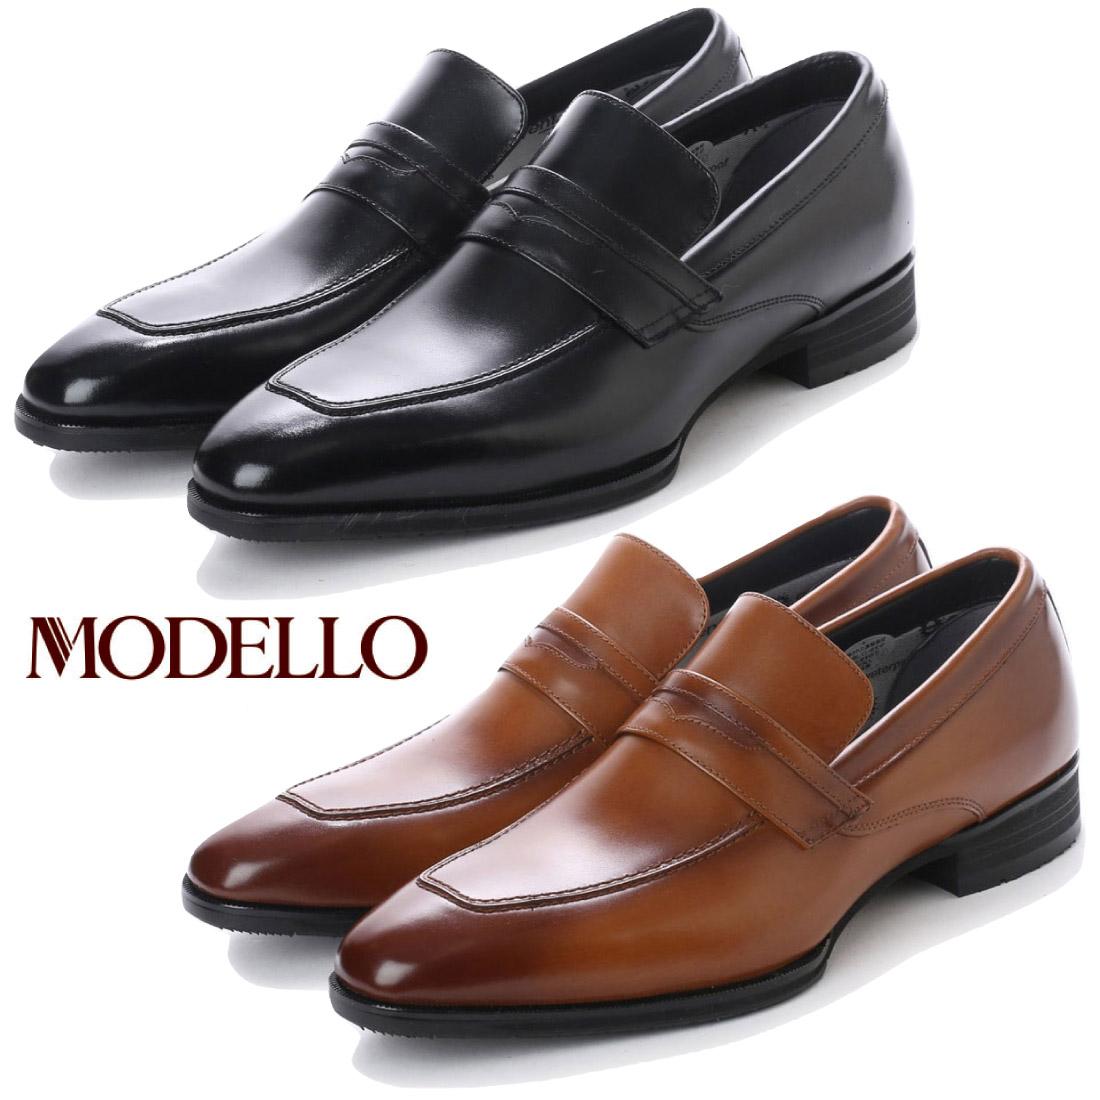 モデロ MODELLO スリッポン ビジネスシューズ DM8004 マドラス 革靴 防水 【nesh】 【新品】